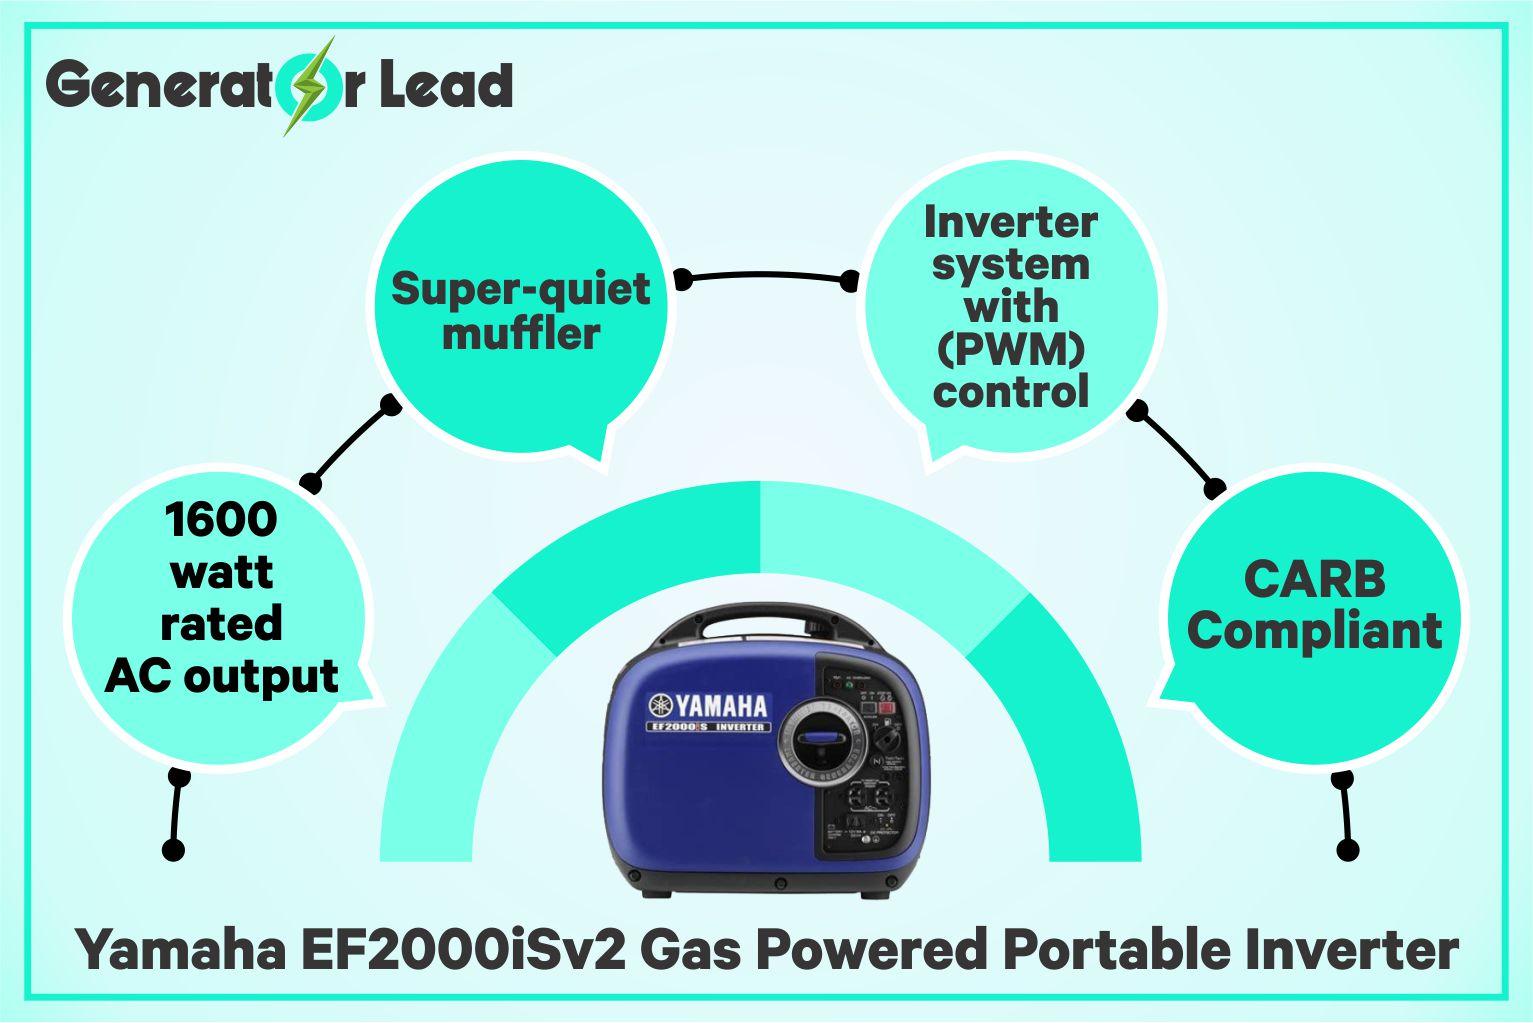 Yamaha EF2000iSv2 - Best Inverter Generator for Camping infographic details